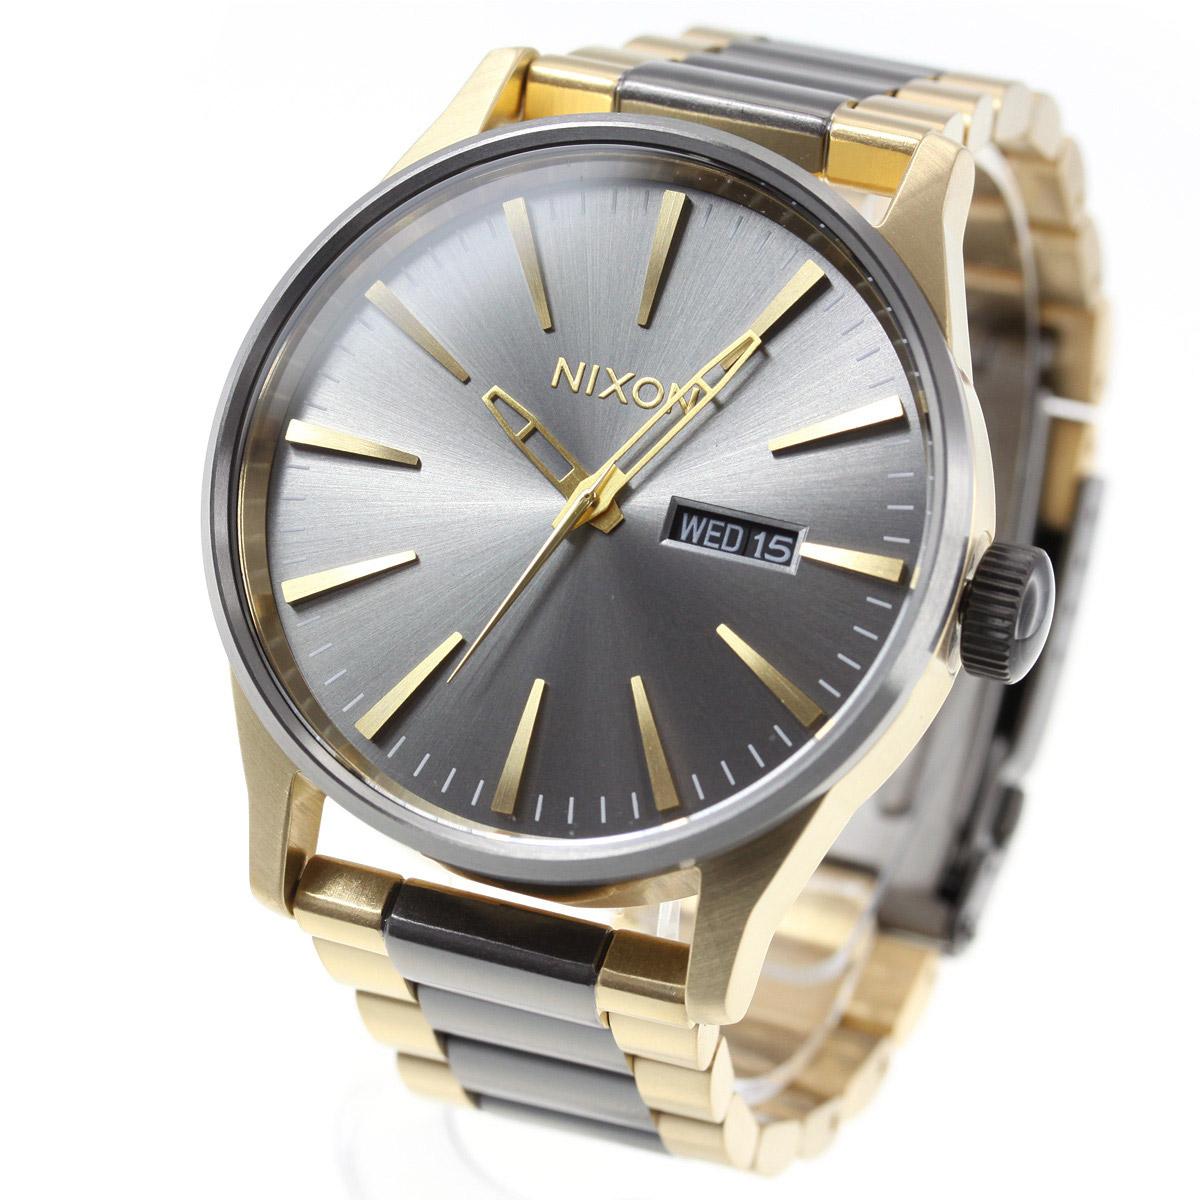 ニクソン NIXON セントリーSS SENTRY SS 腕時計 メンズ GUNMETAL/GOLD NA356595-00【2018 新作】